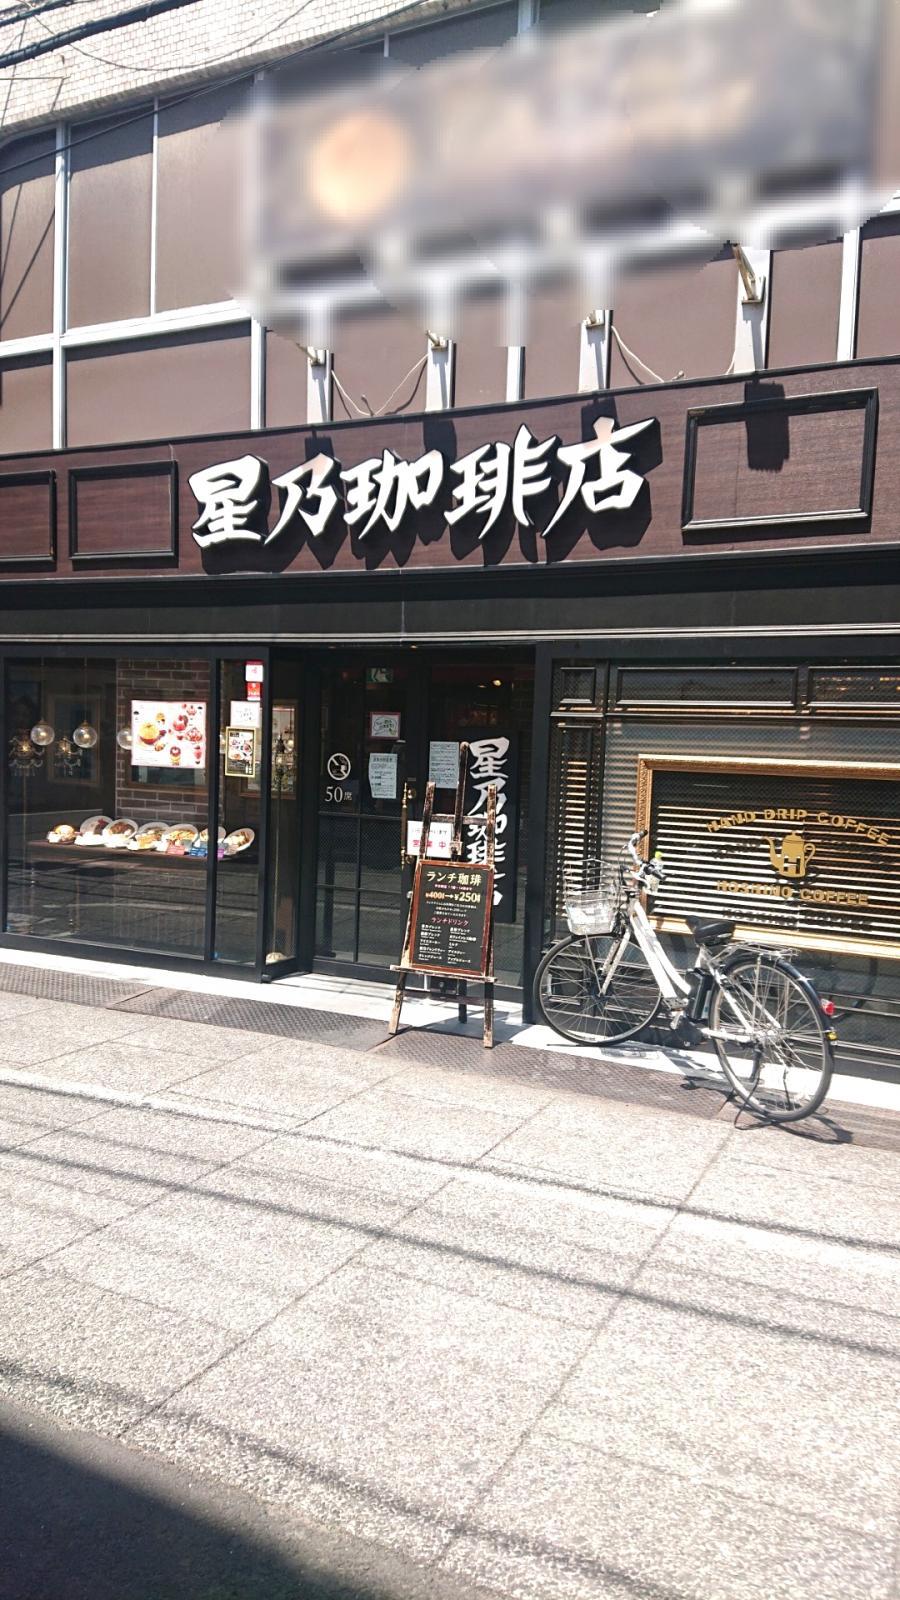 椿 店 店 珈琲 松山 星乃